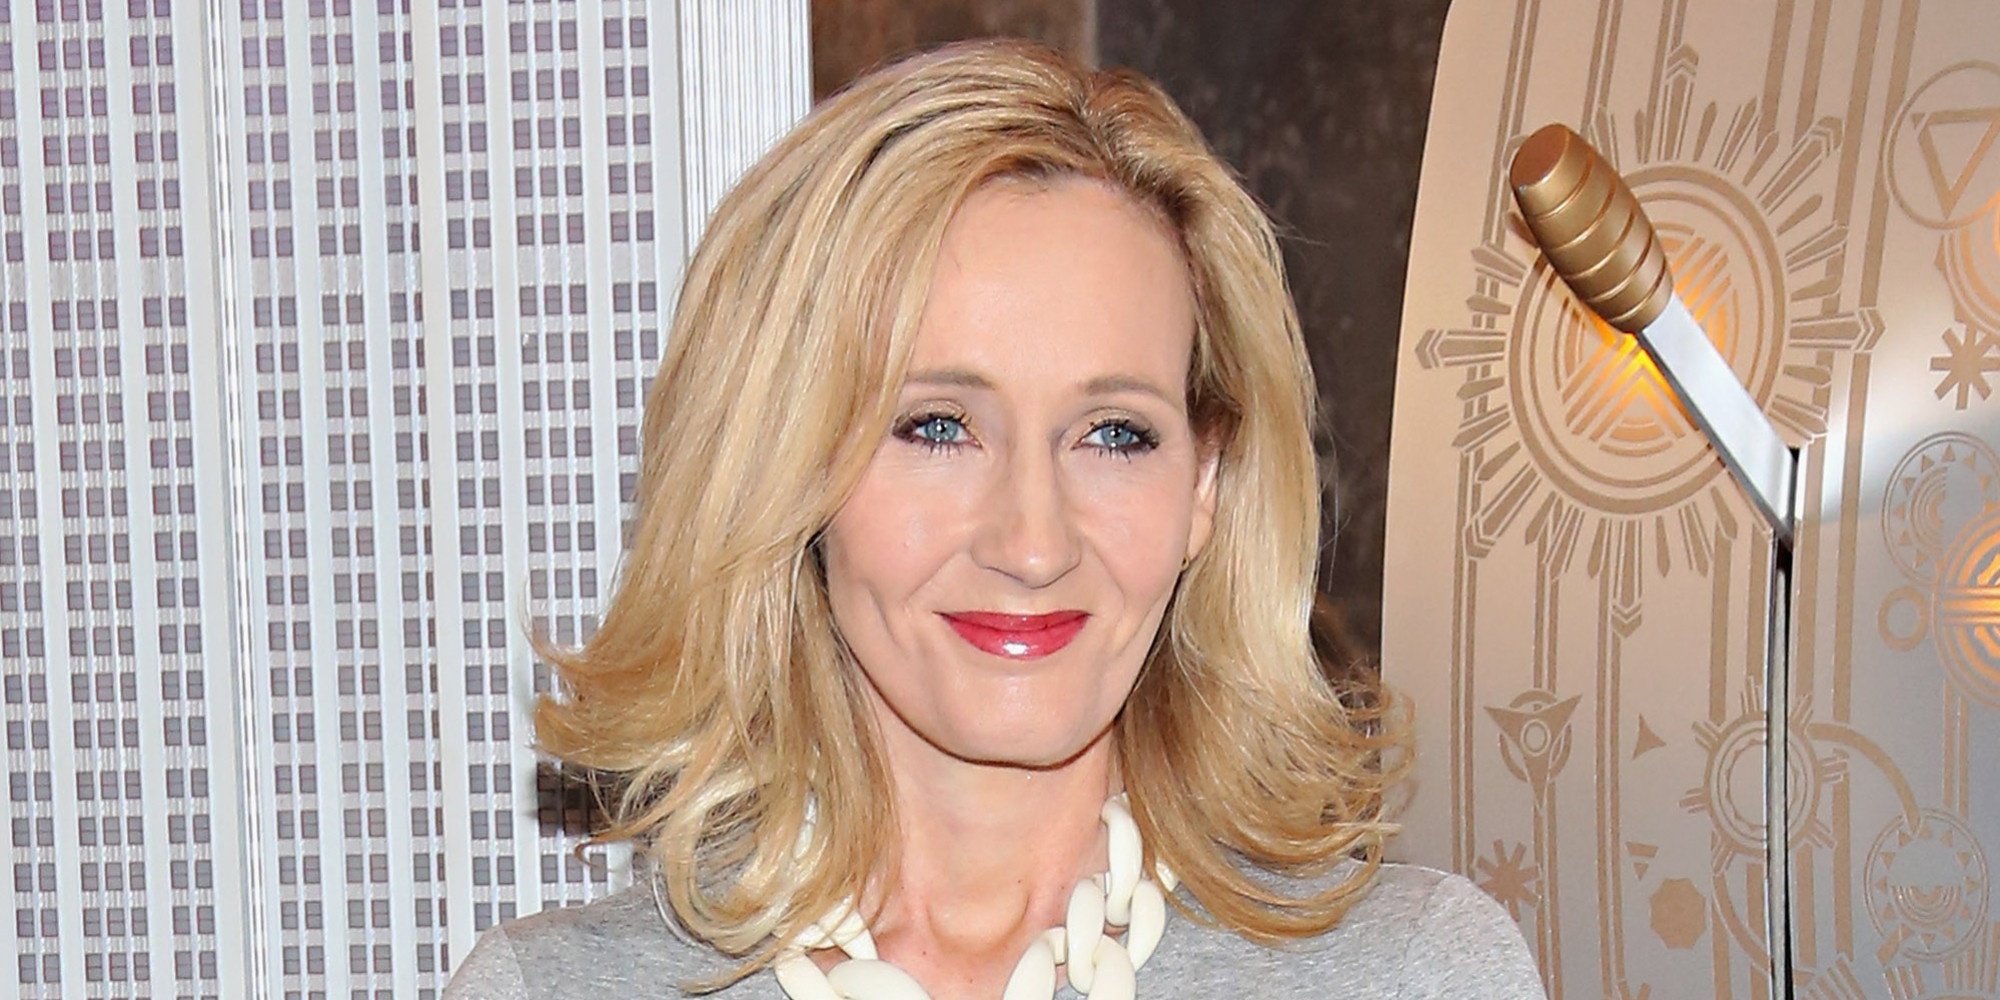 JK Rowling hints at more Potter books pics